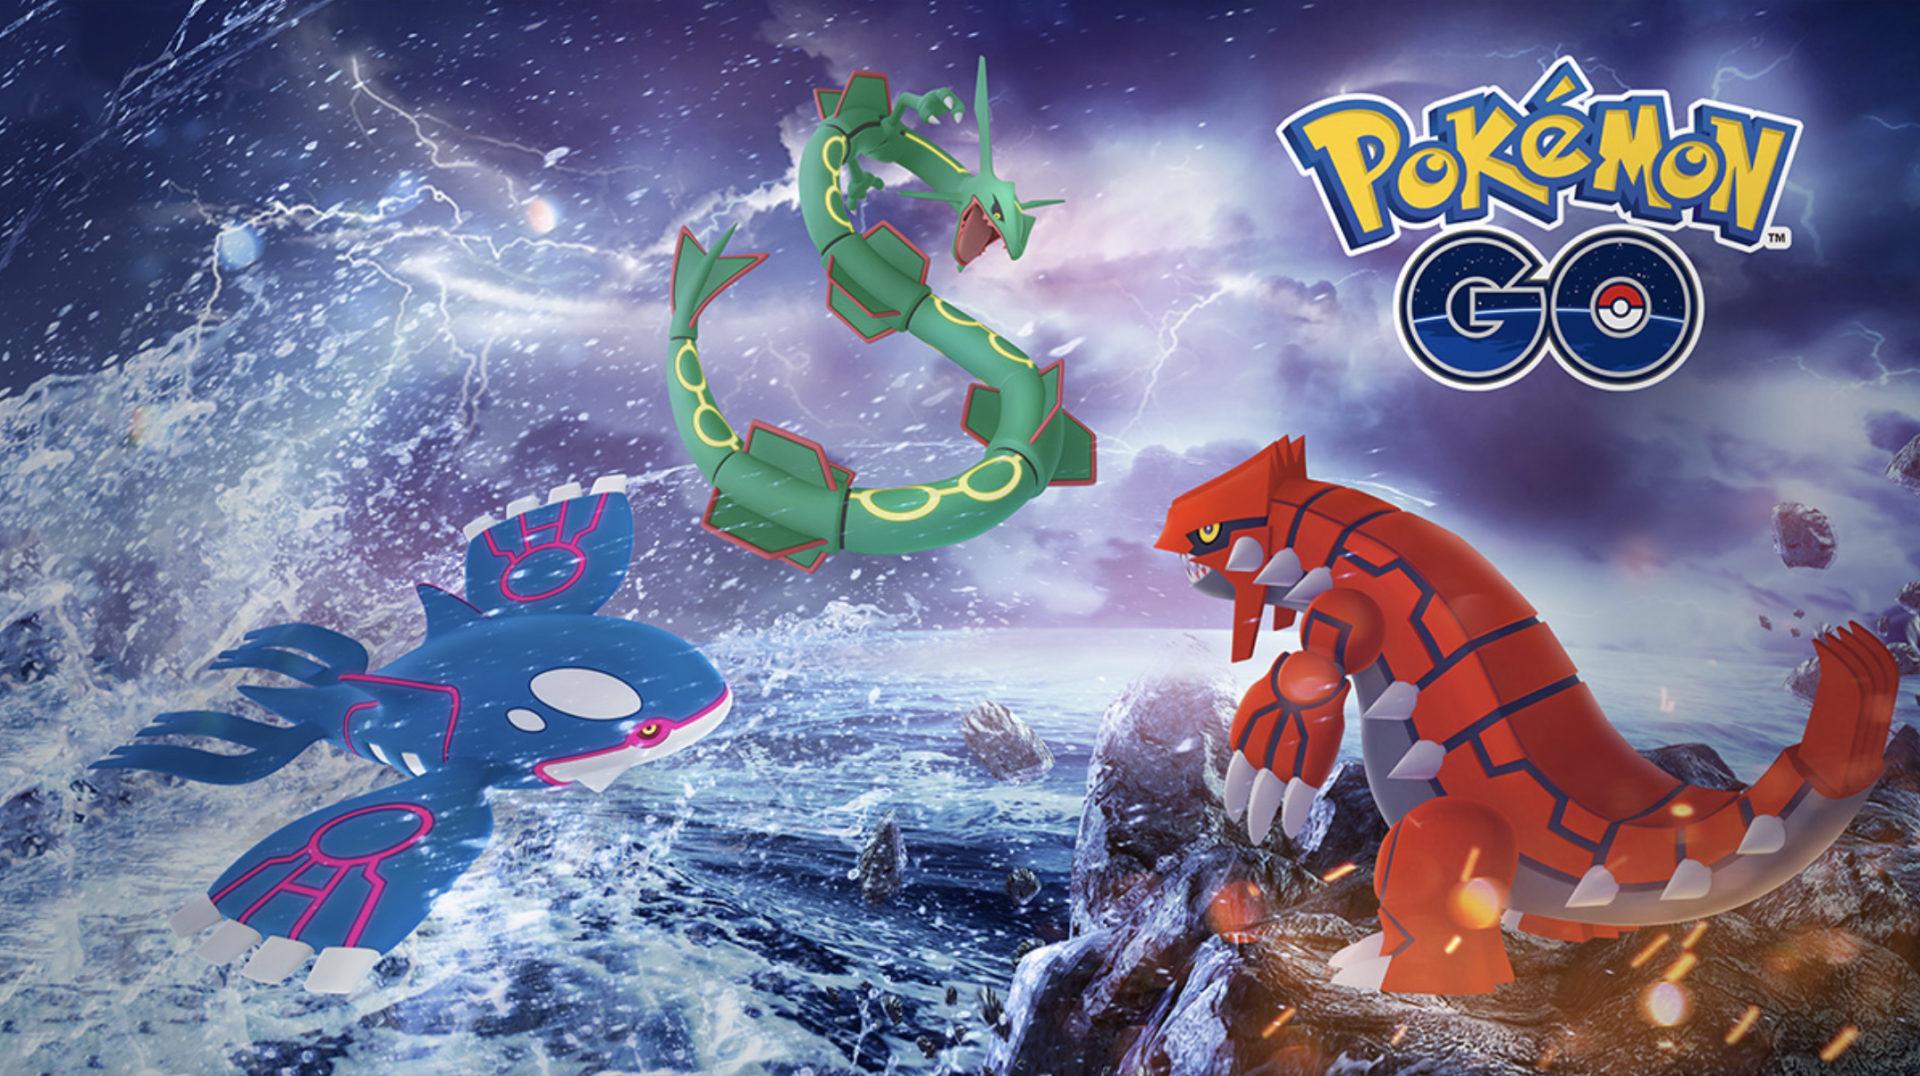 Pokemon Kyogre, and Groudon in Go Hoenn Celebration.